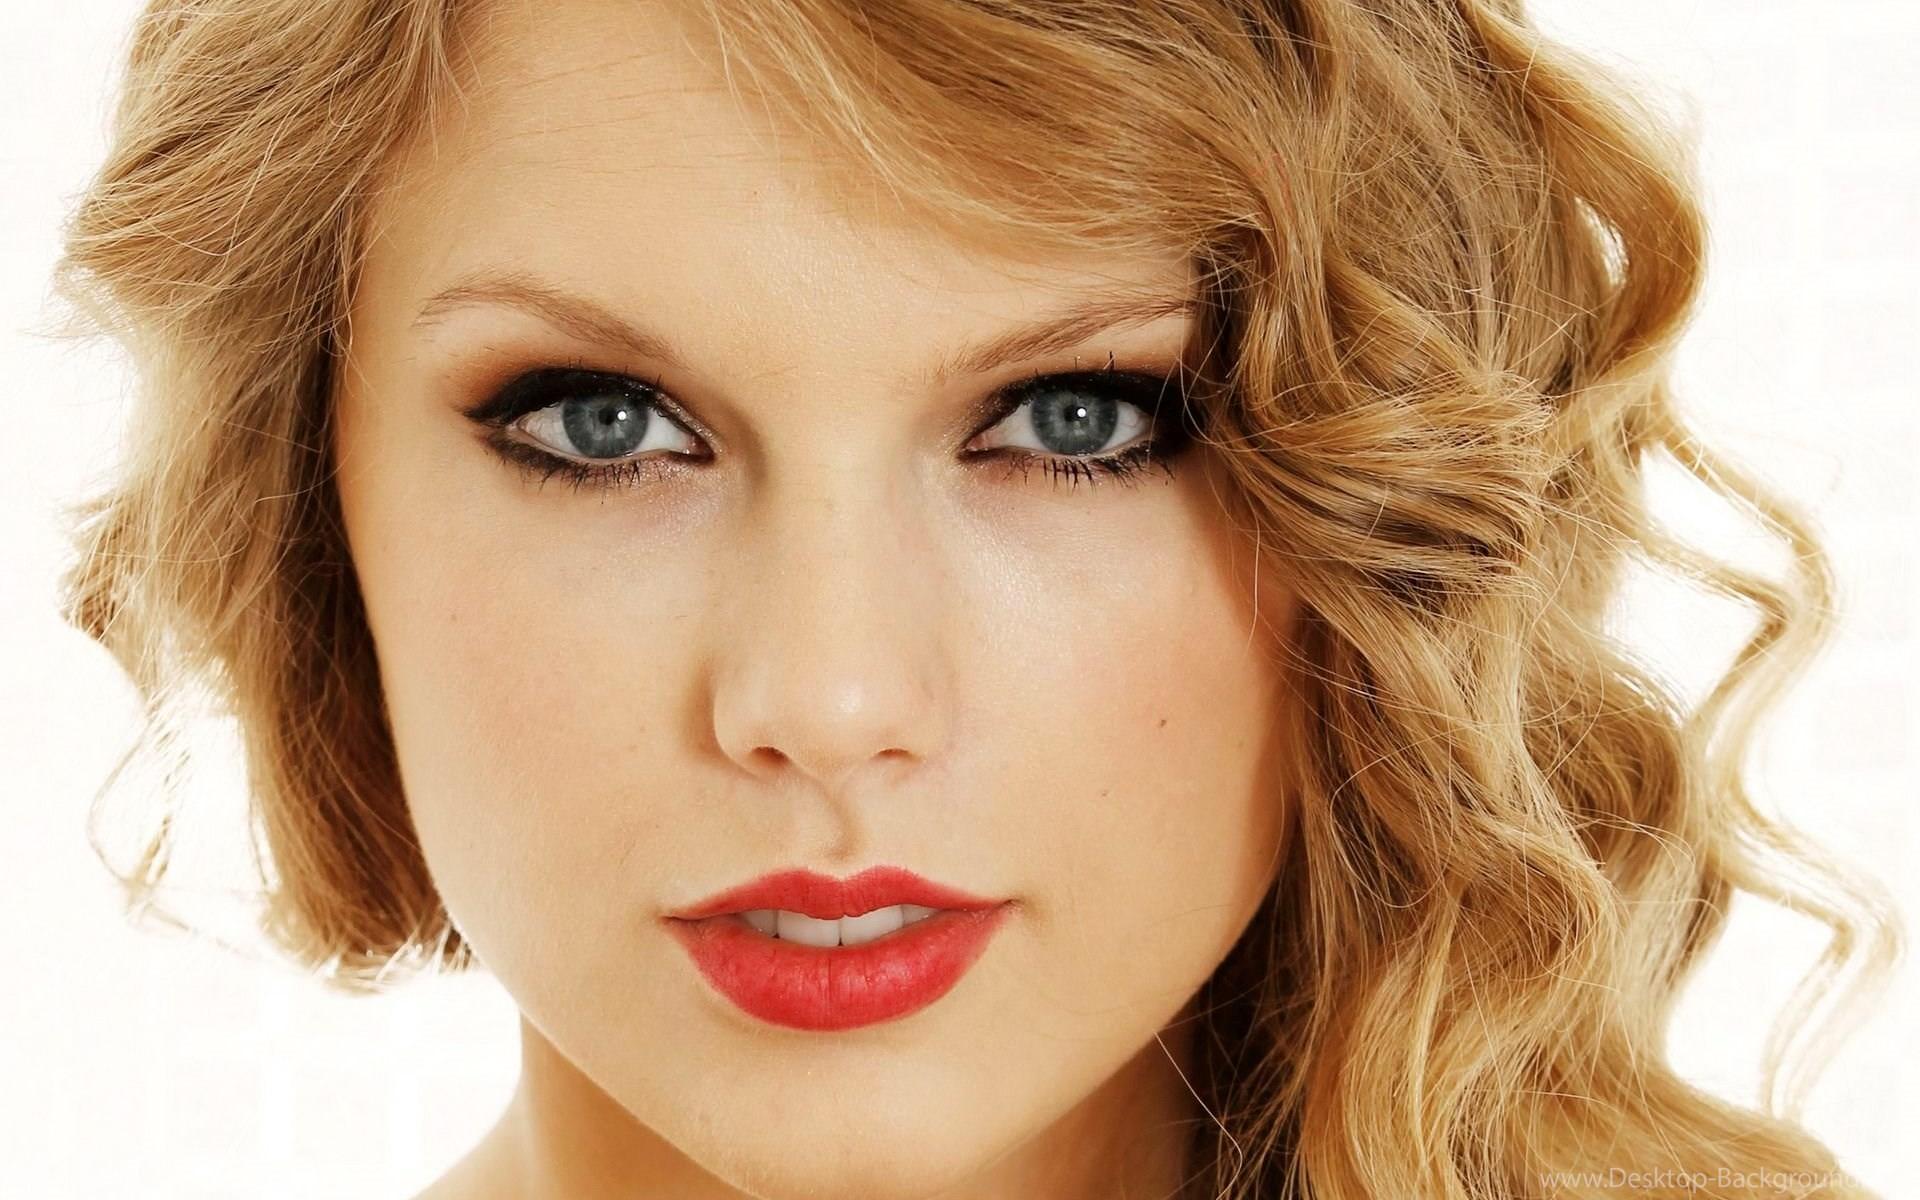 Taylor swift closeup face